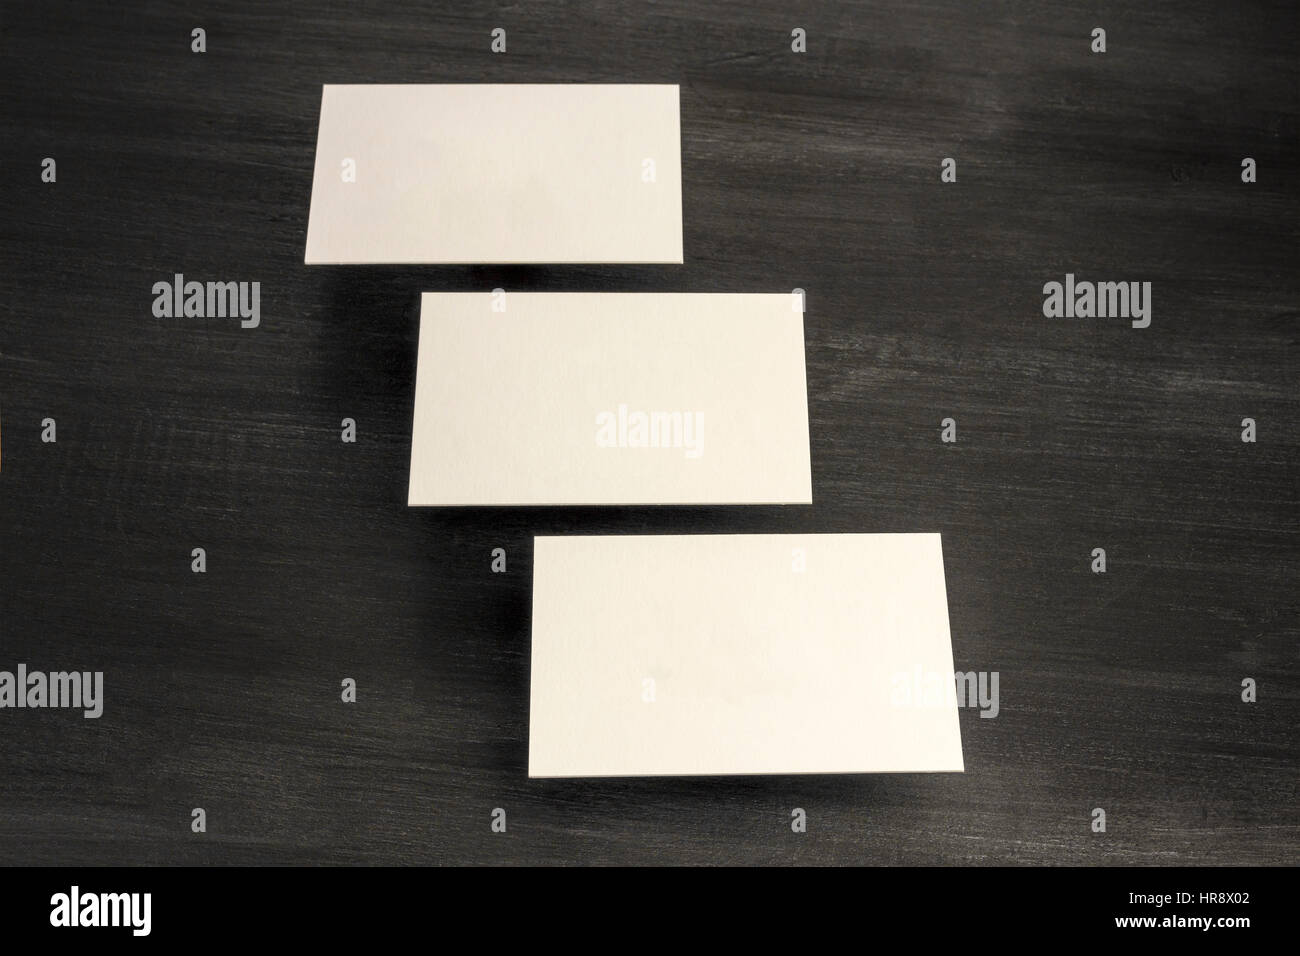 Ein Foto Von Leeren Weißen Dicken Karton Visitenkarten